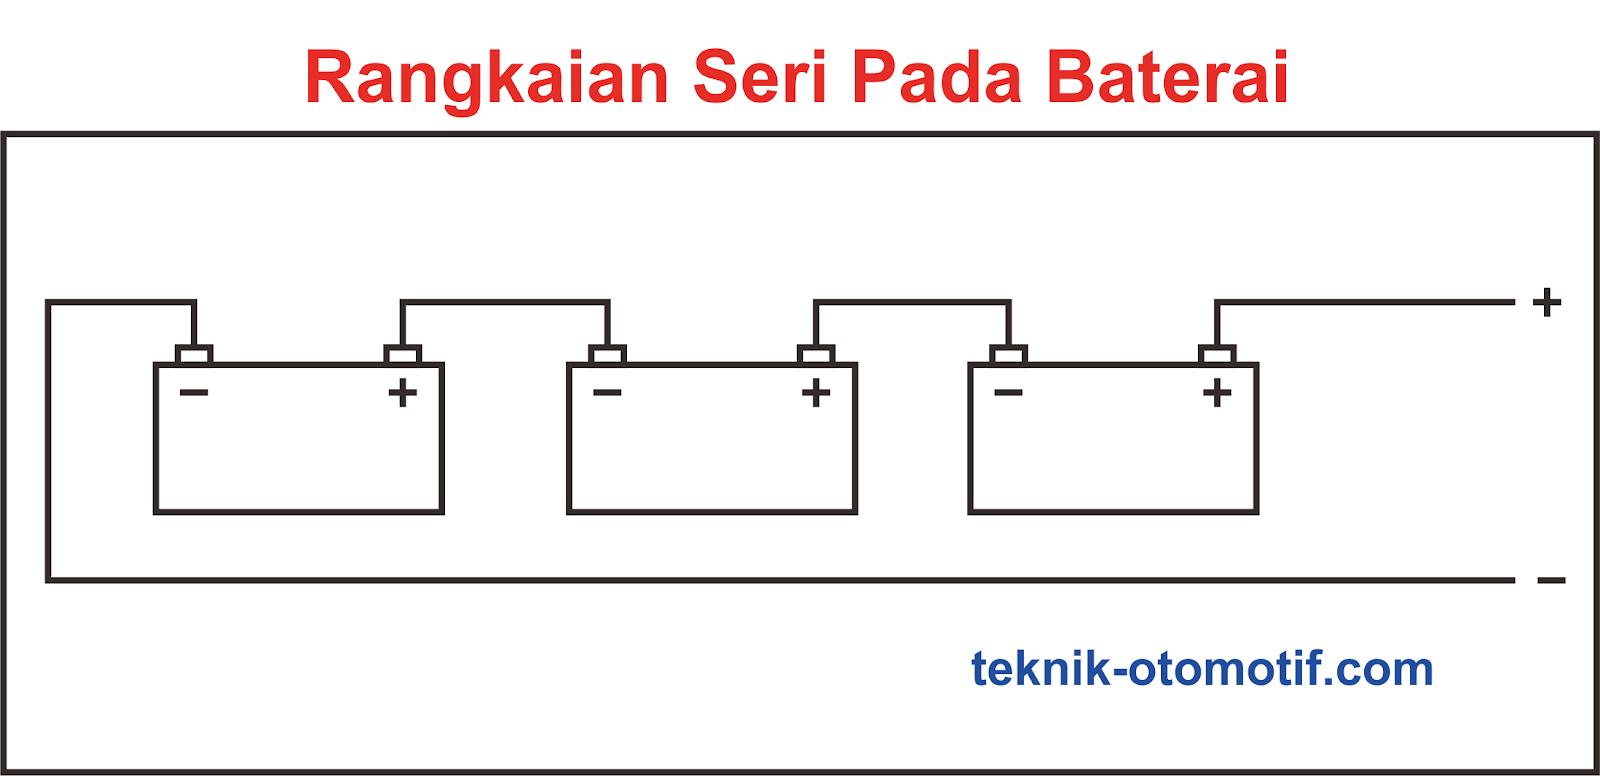 Perbedaan Rangkaian Seri Dan Paralel Teknik Otomotif Com